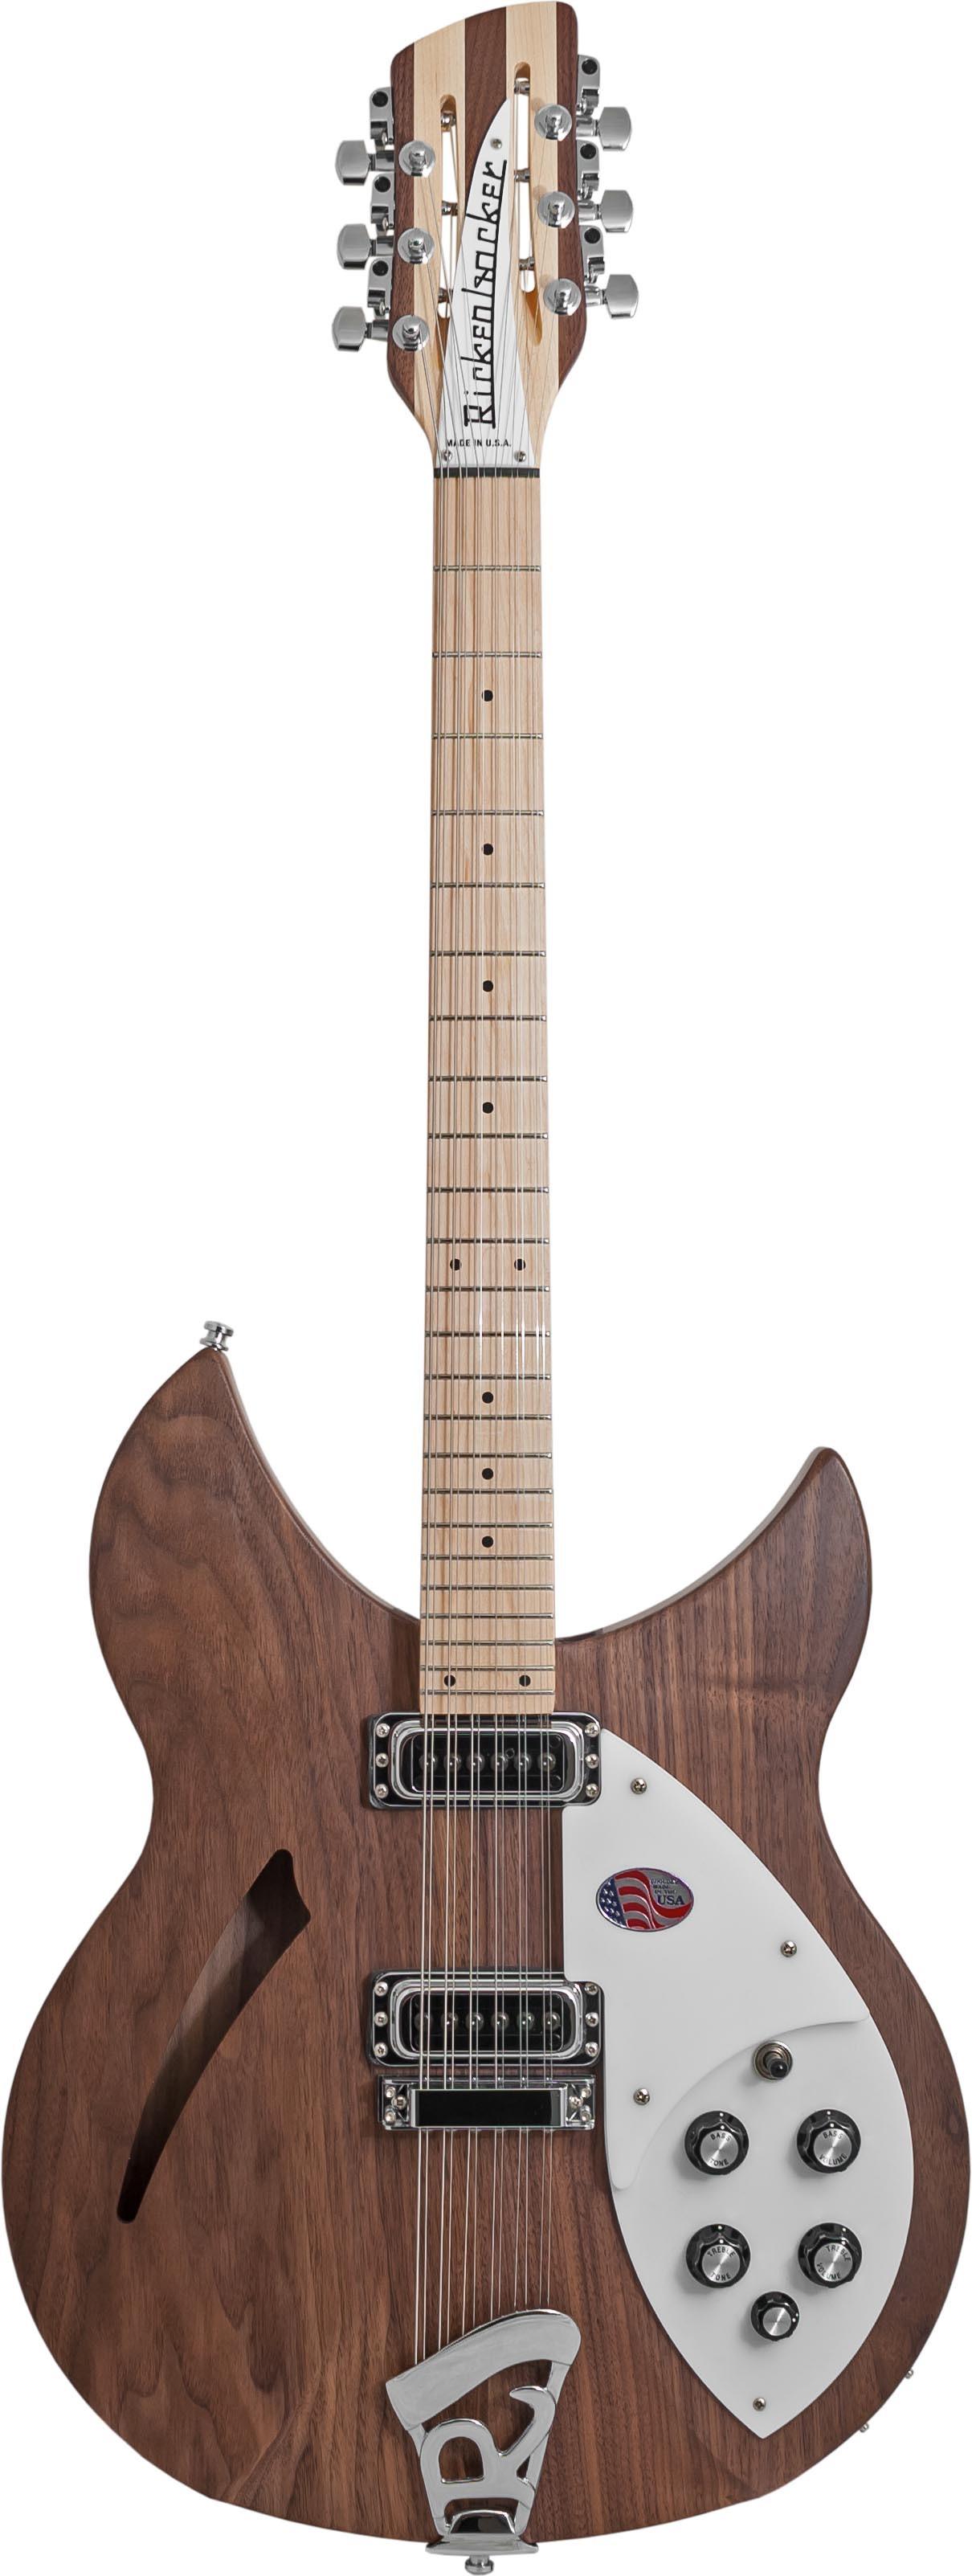 Rickenbacker 330/12W - Walnut